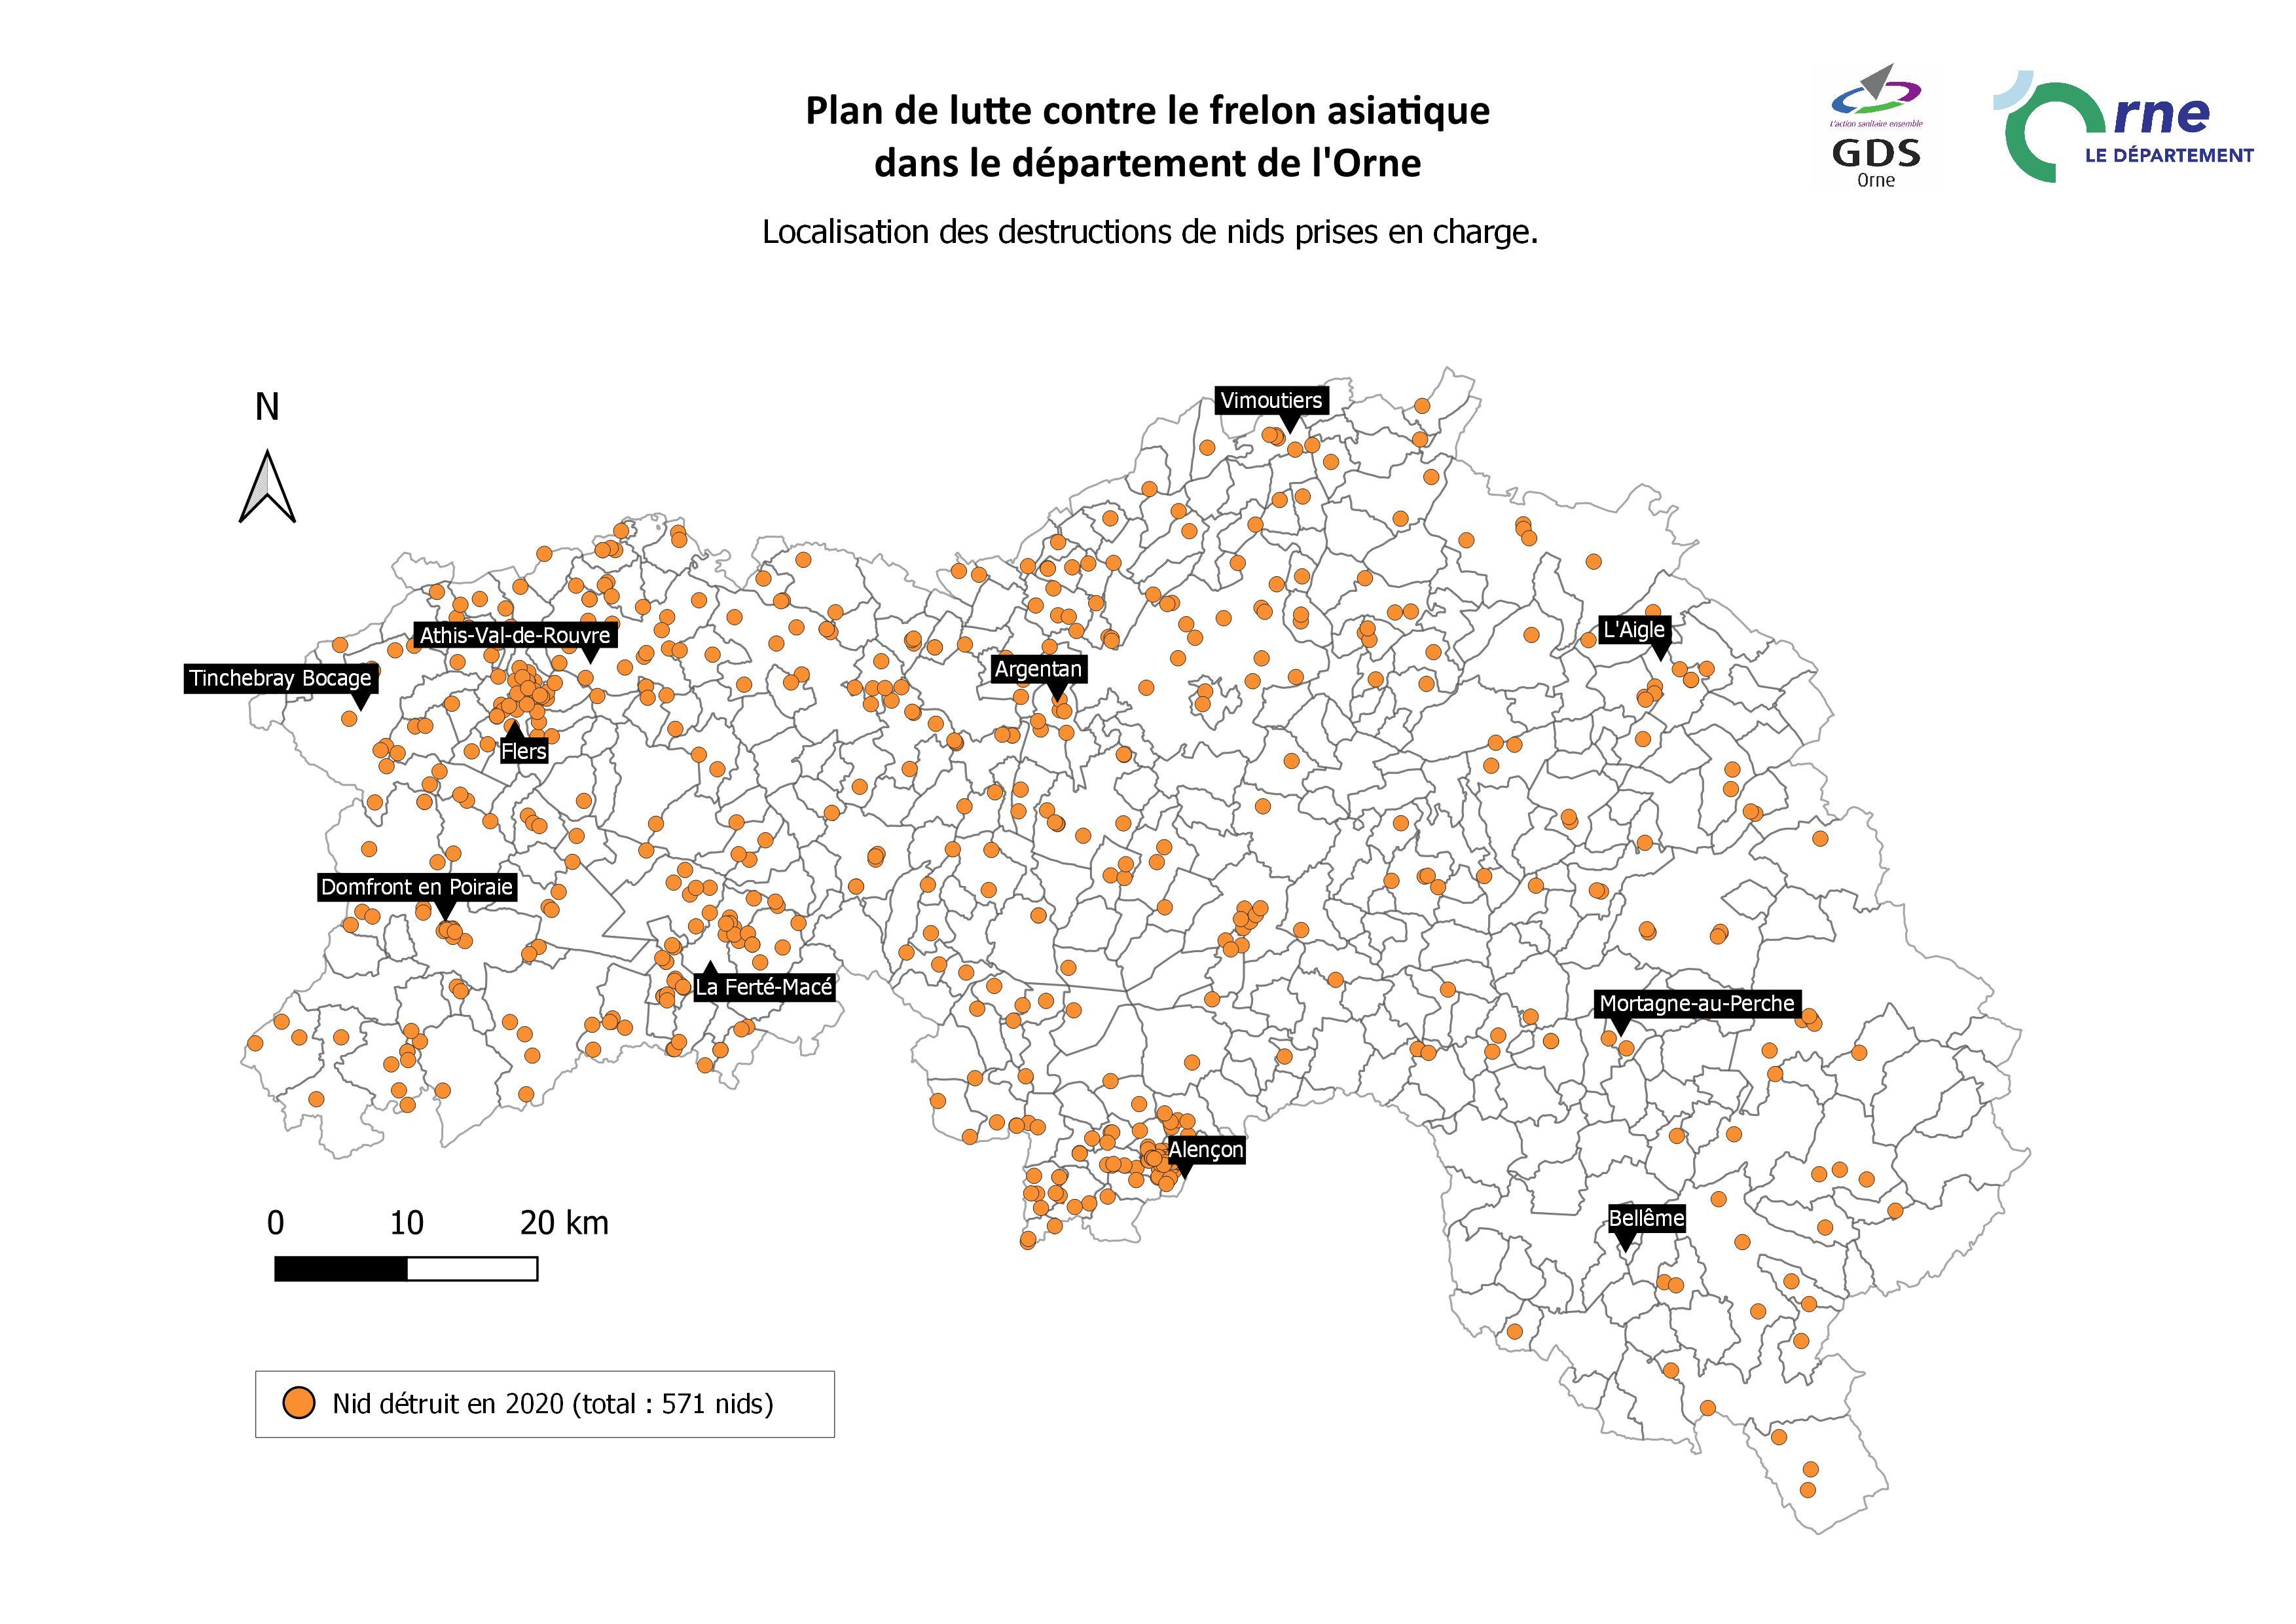 Carte de répartition des destructions de nids de frelons asiatiques dans l'Orne en 2021